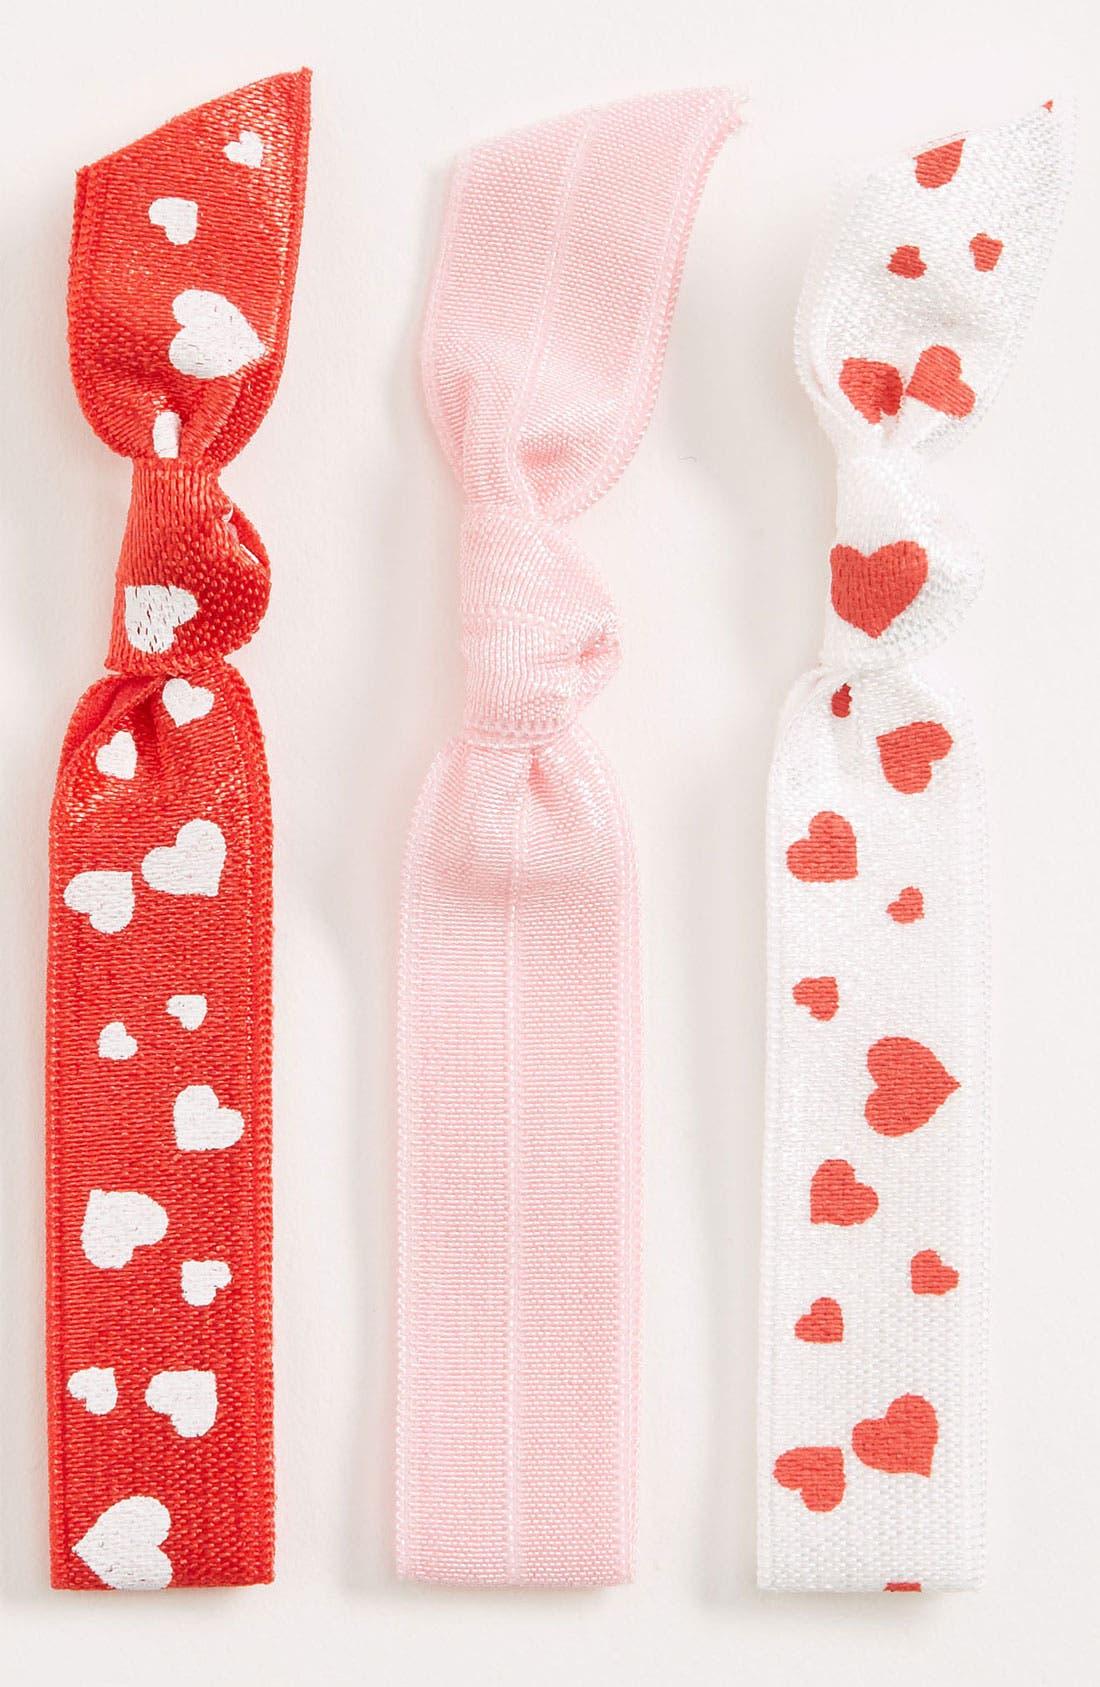 Alternate Image 1 Selected - Emi-Jay 'Valentine' Hair Ties (3-Pack)